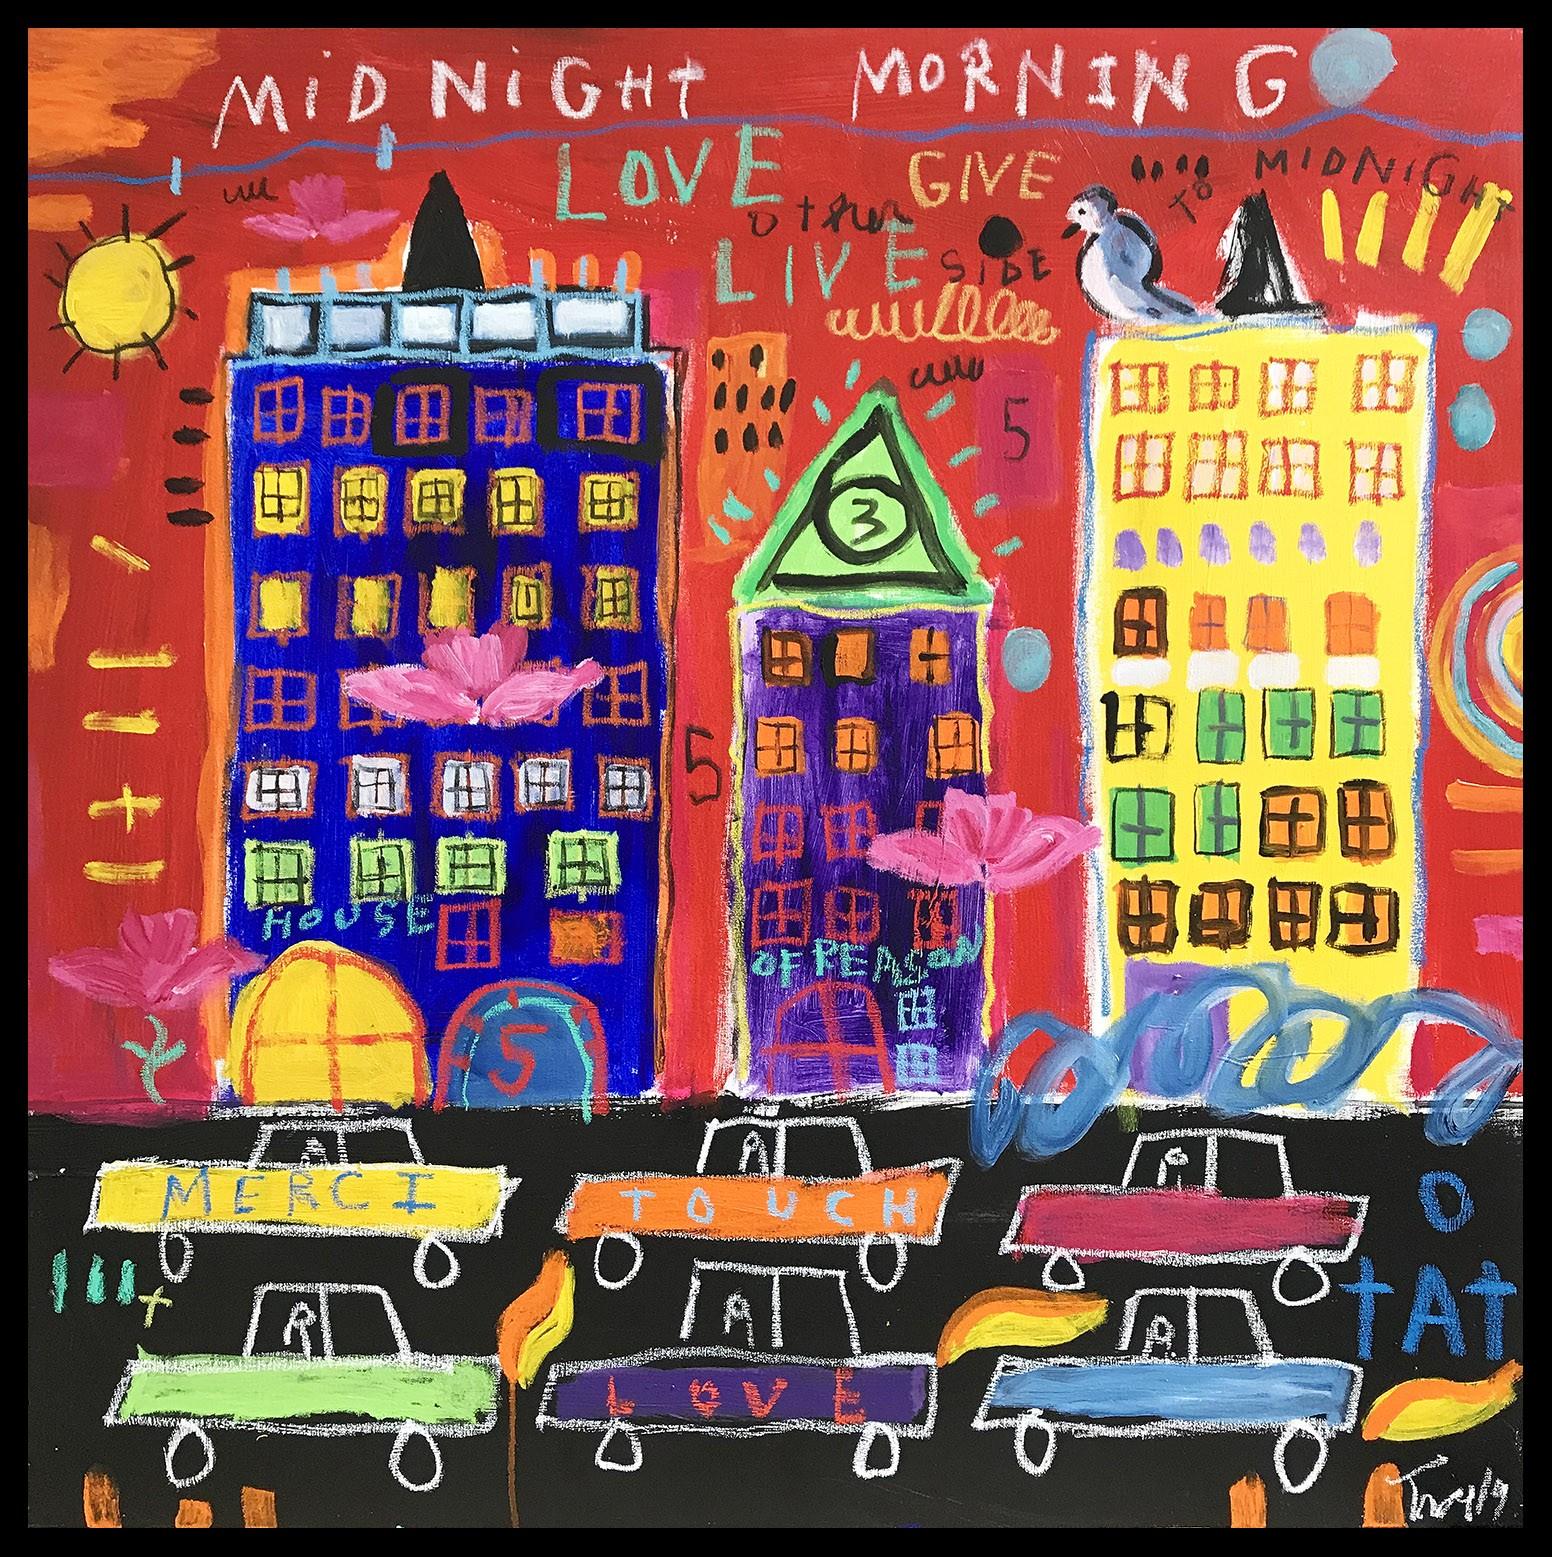 Troy Henriksen - Midnight morning